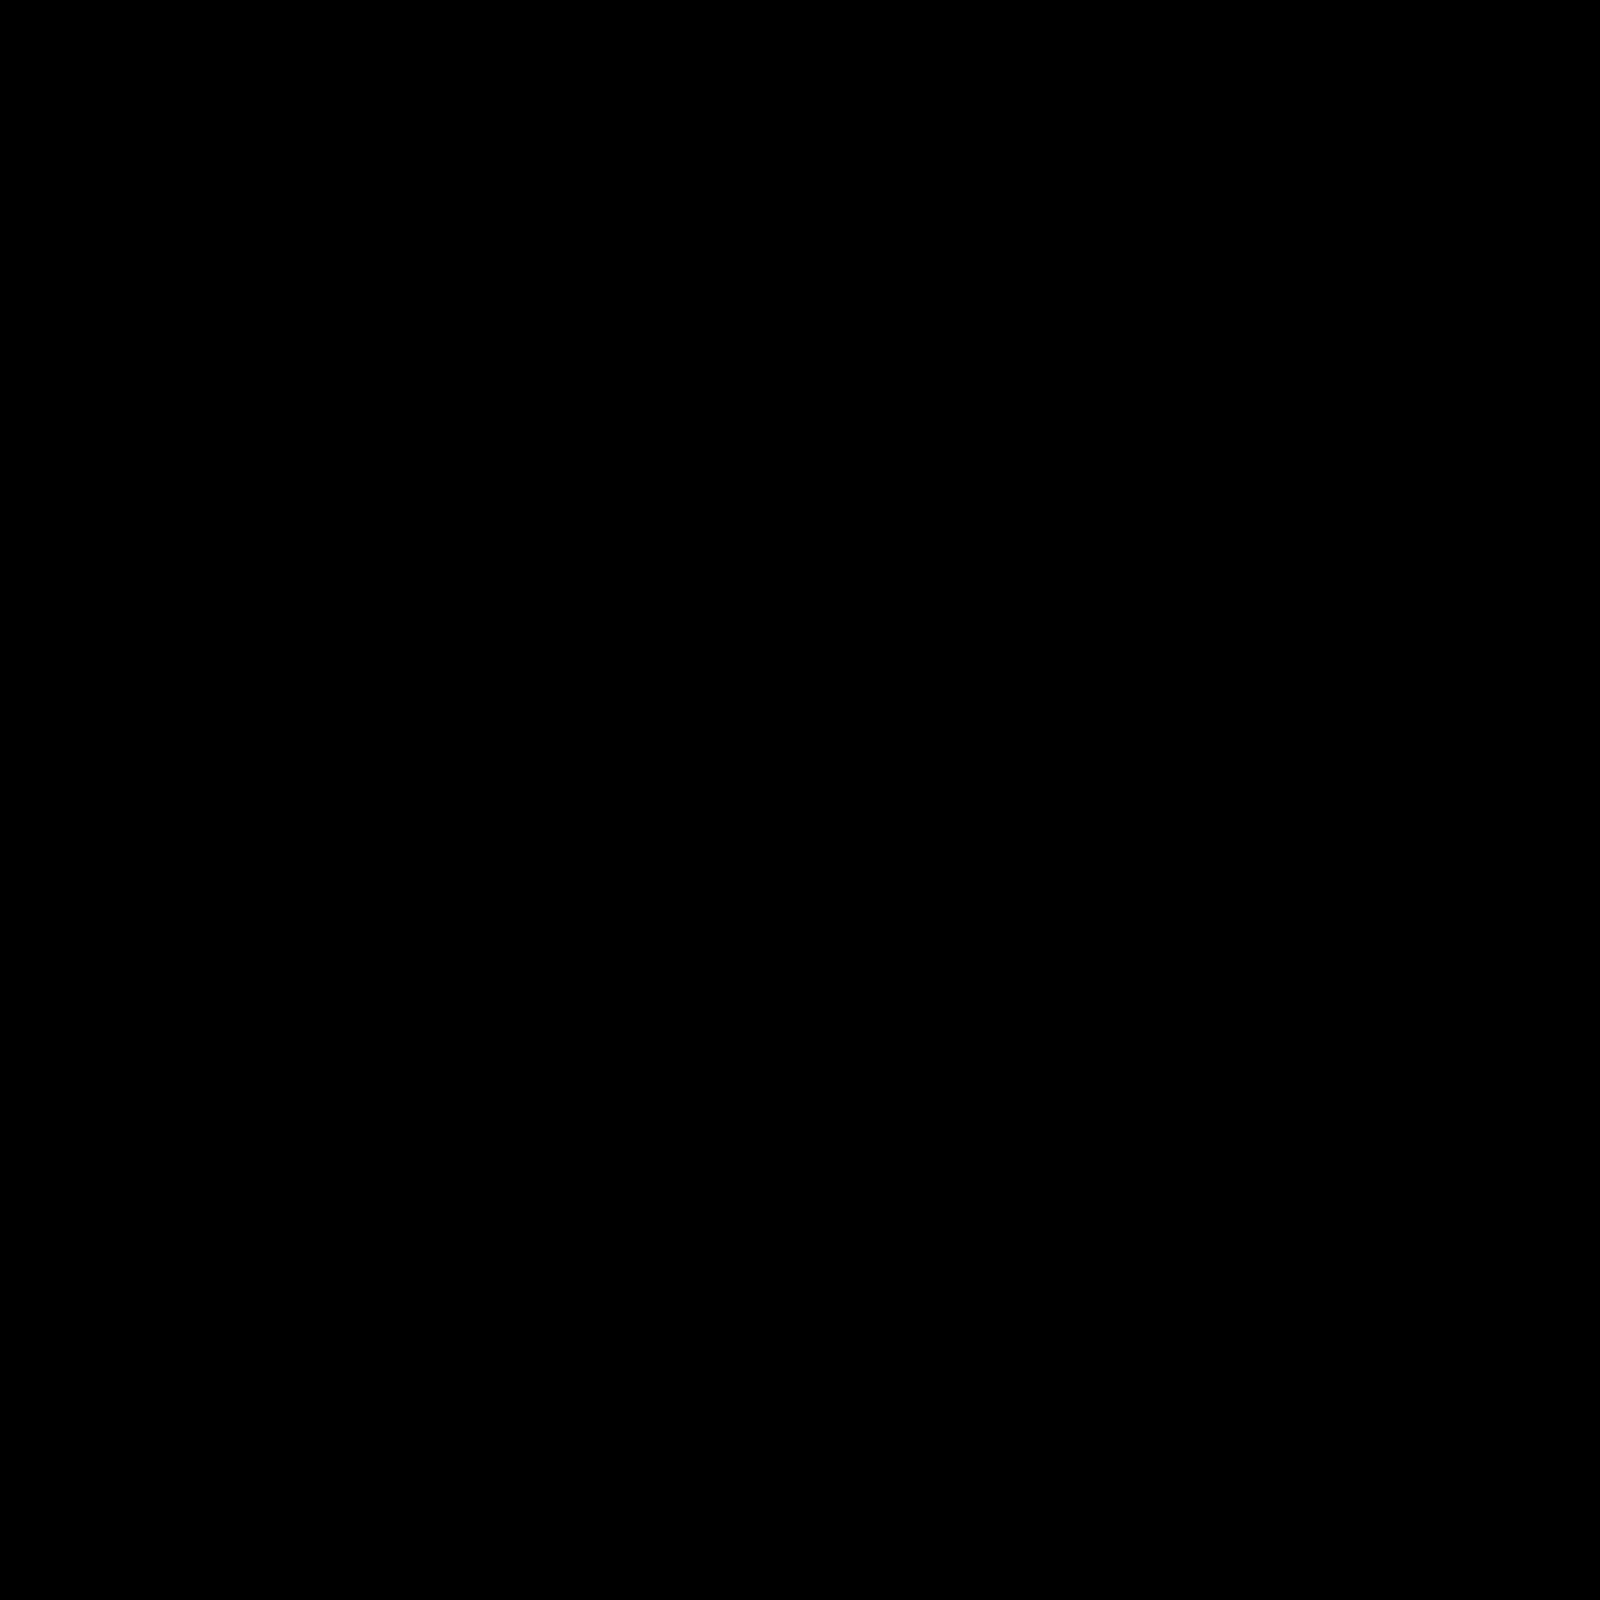 应用符号 icon. The icon is a copy of the logo used by the App Store present on all iOS devices and run by Apple, Inc. The logo is enclosed within a rounded square on the outside, and a circle inside of the square. The icon represents the presence of an application.